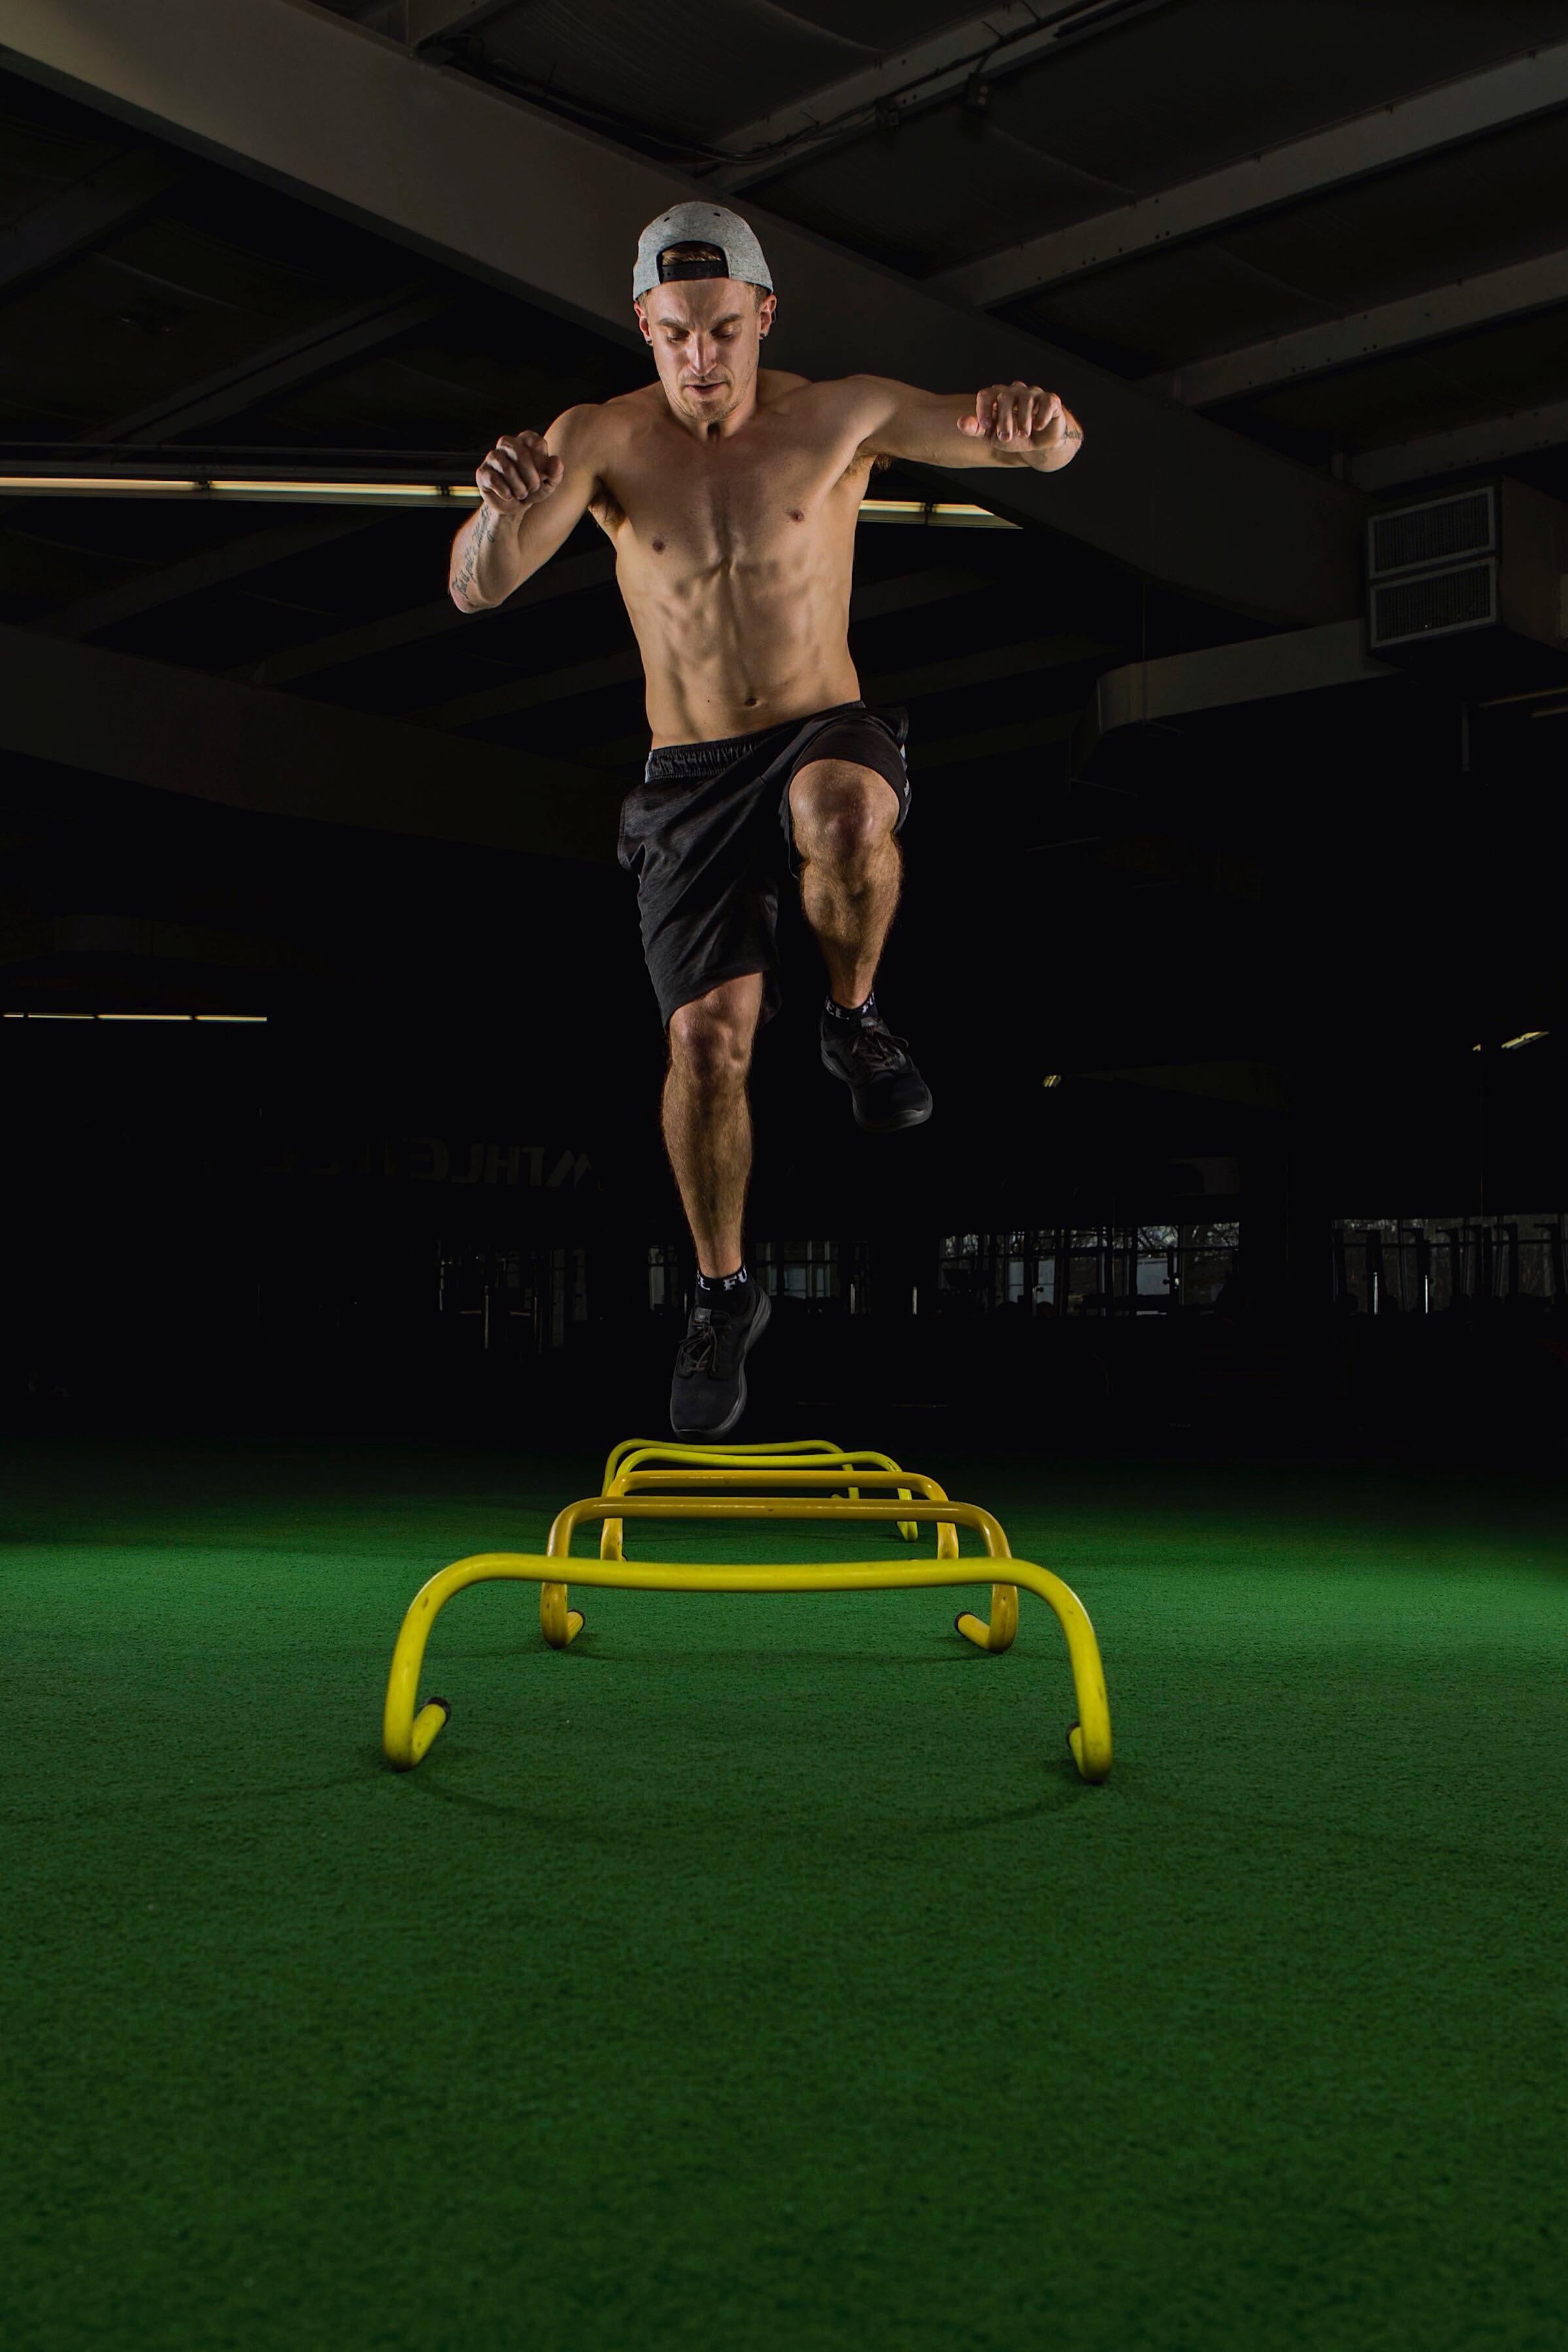 Single Leg Hurdle Jumps